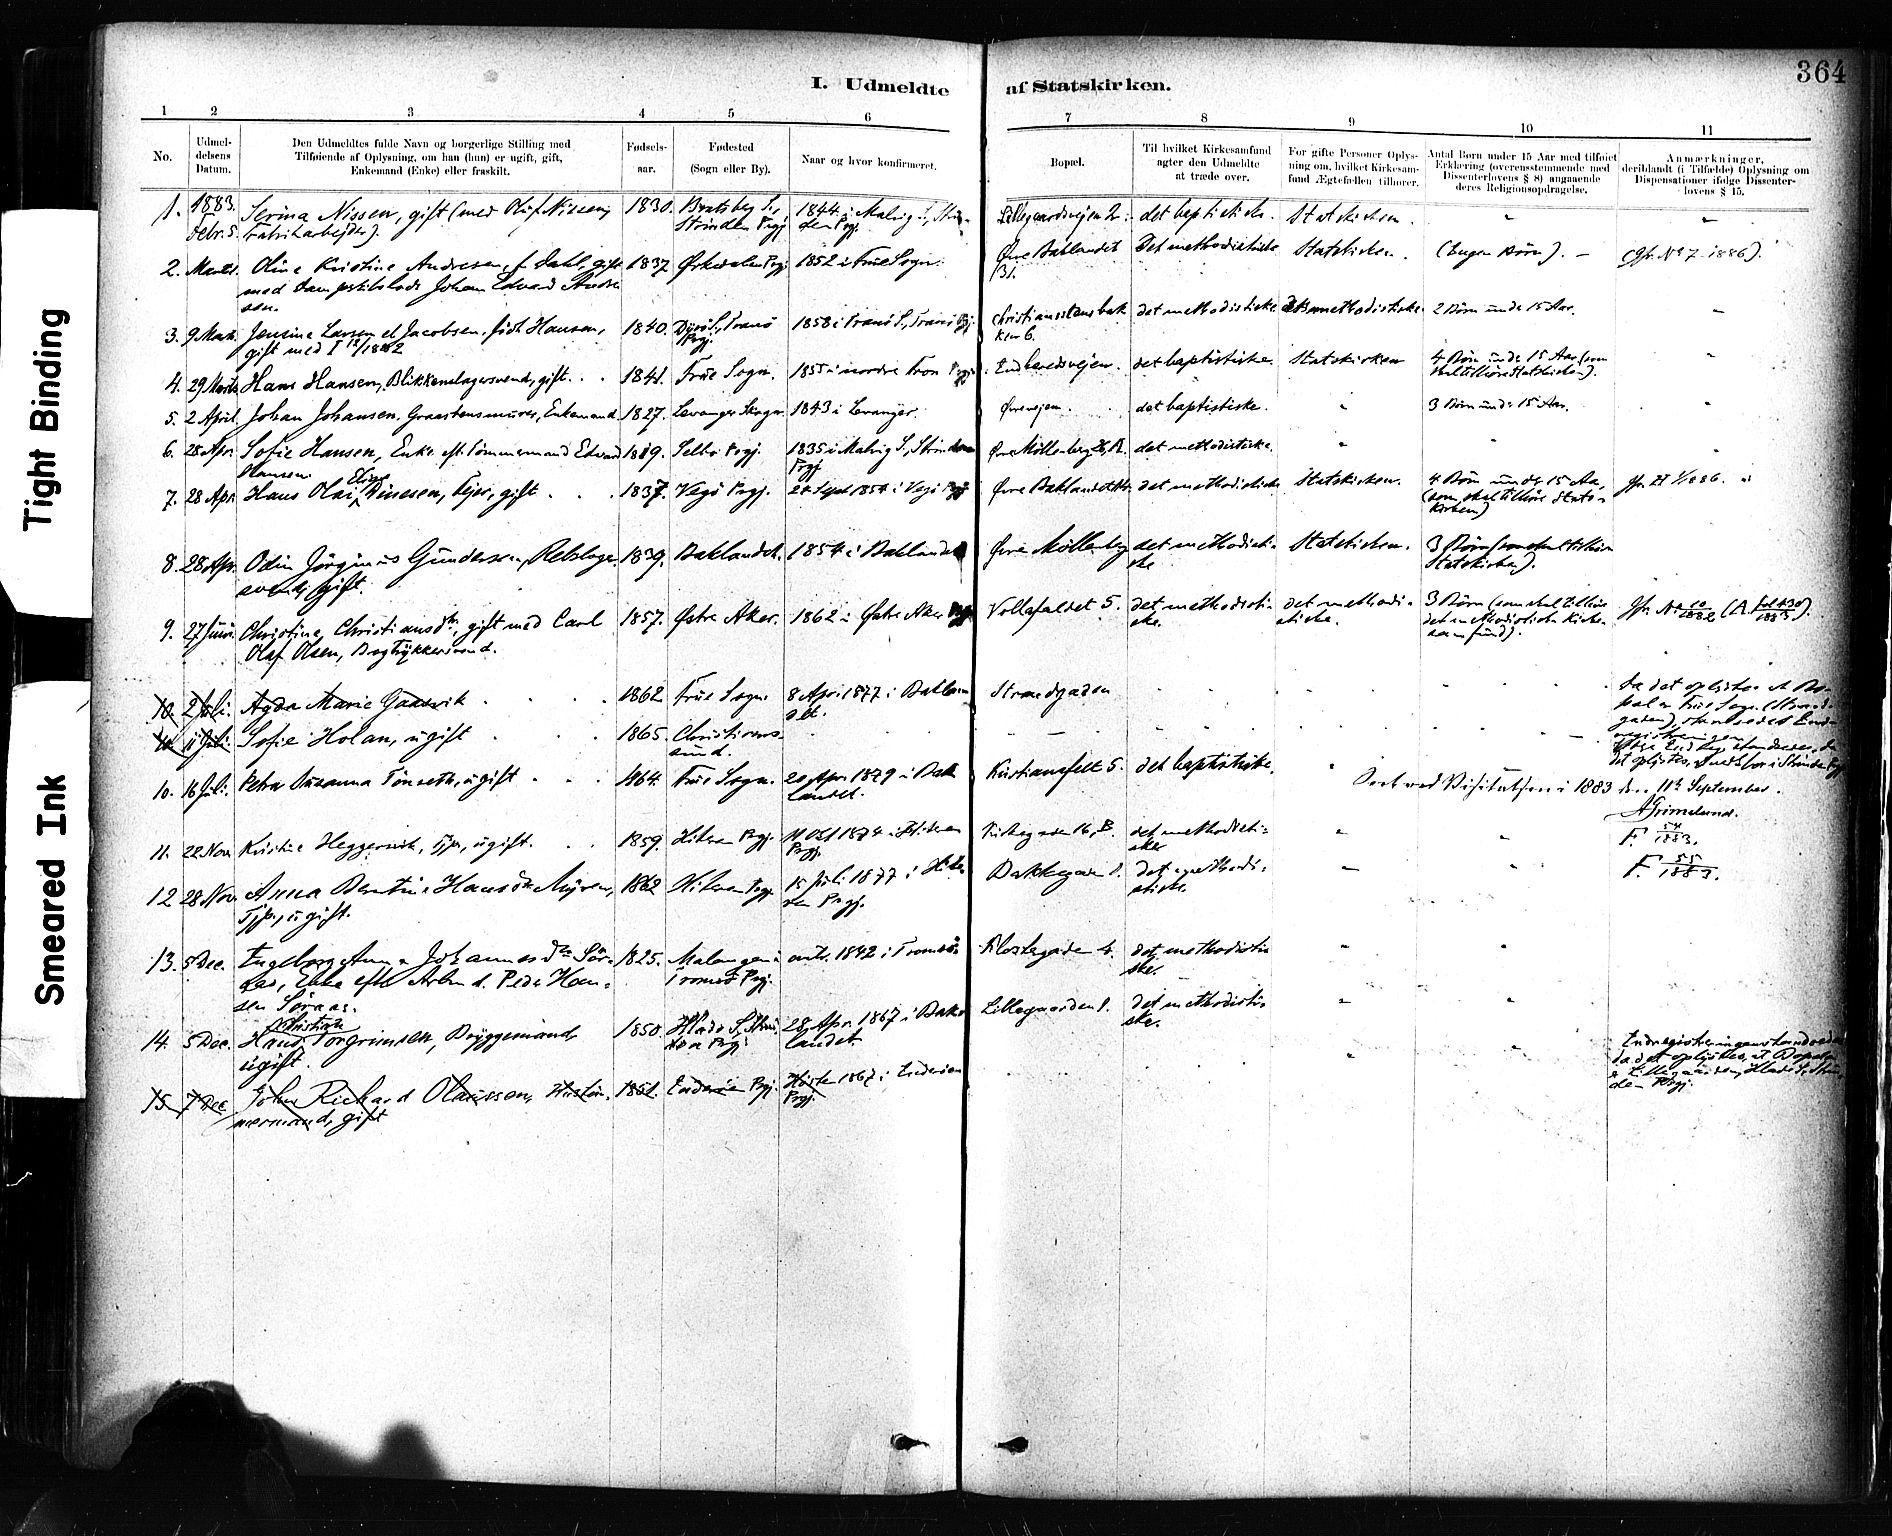 SAT, Ministerialprotokoller, klokkerbøker og fødselsregistre - Sør-Trøndelag, 604/L0189: Ministerialbok nr. 604A10, 1878-1892, s. 364